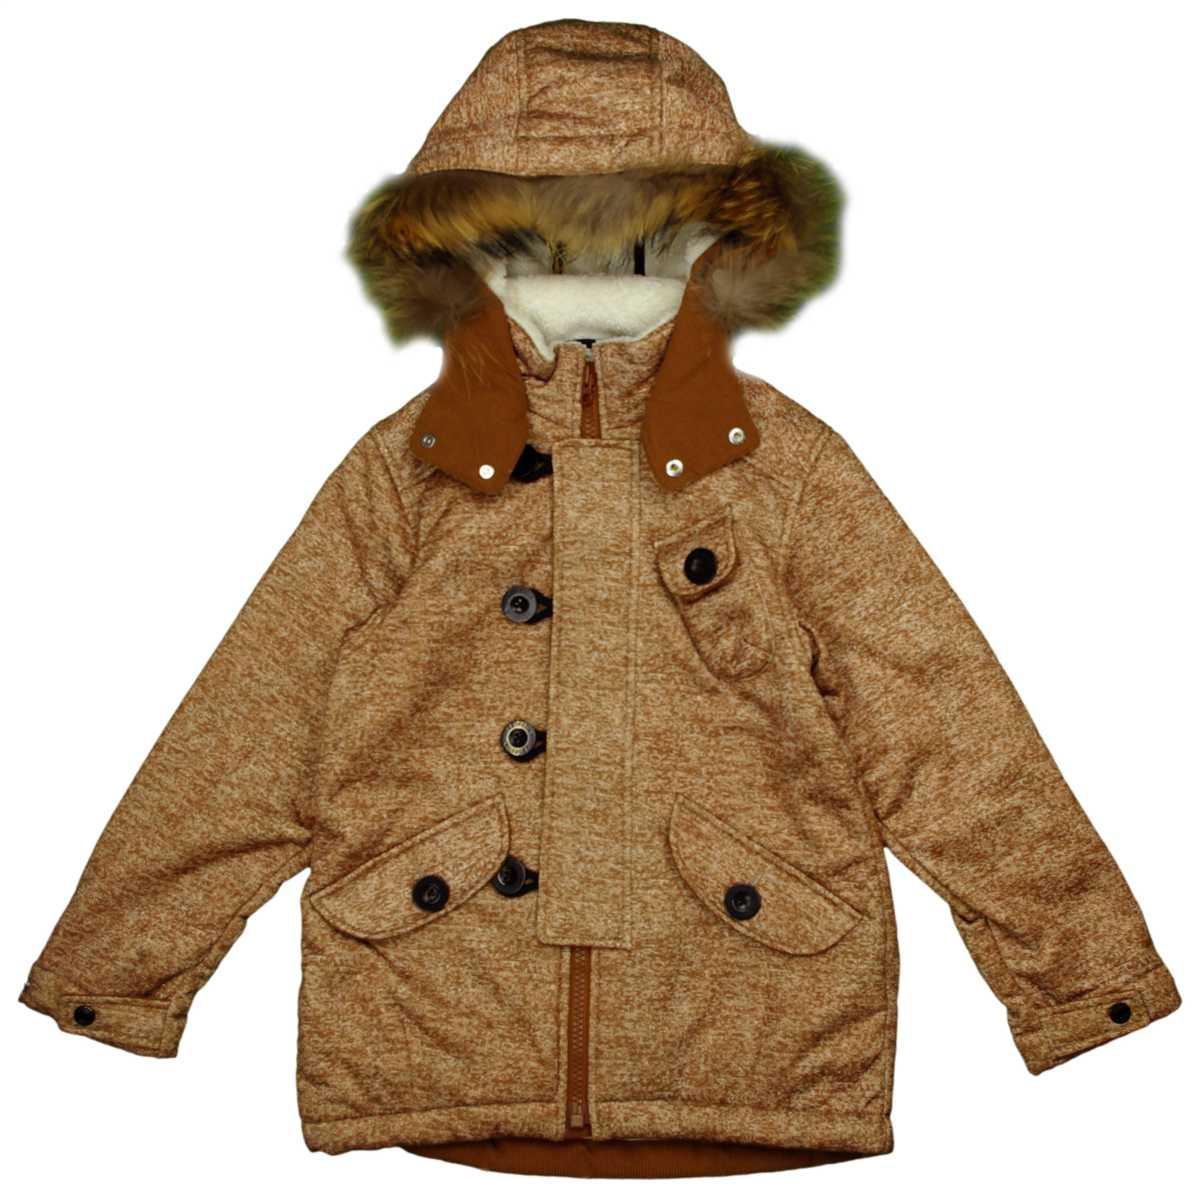 男女兼用 オンヨネ ボンディンフィールドジャケット型 裏ボア ラクーンファー付 防寒ジャケット サンプル品 (ブラウン 130cm) ボーイズ キッズ ジャンパー・コート 全3色